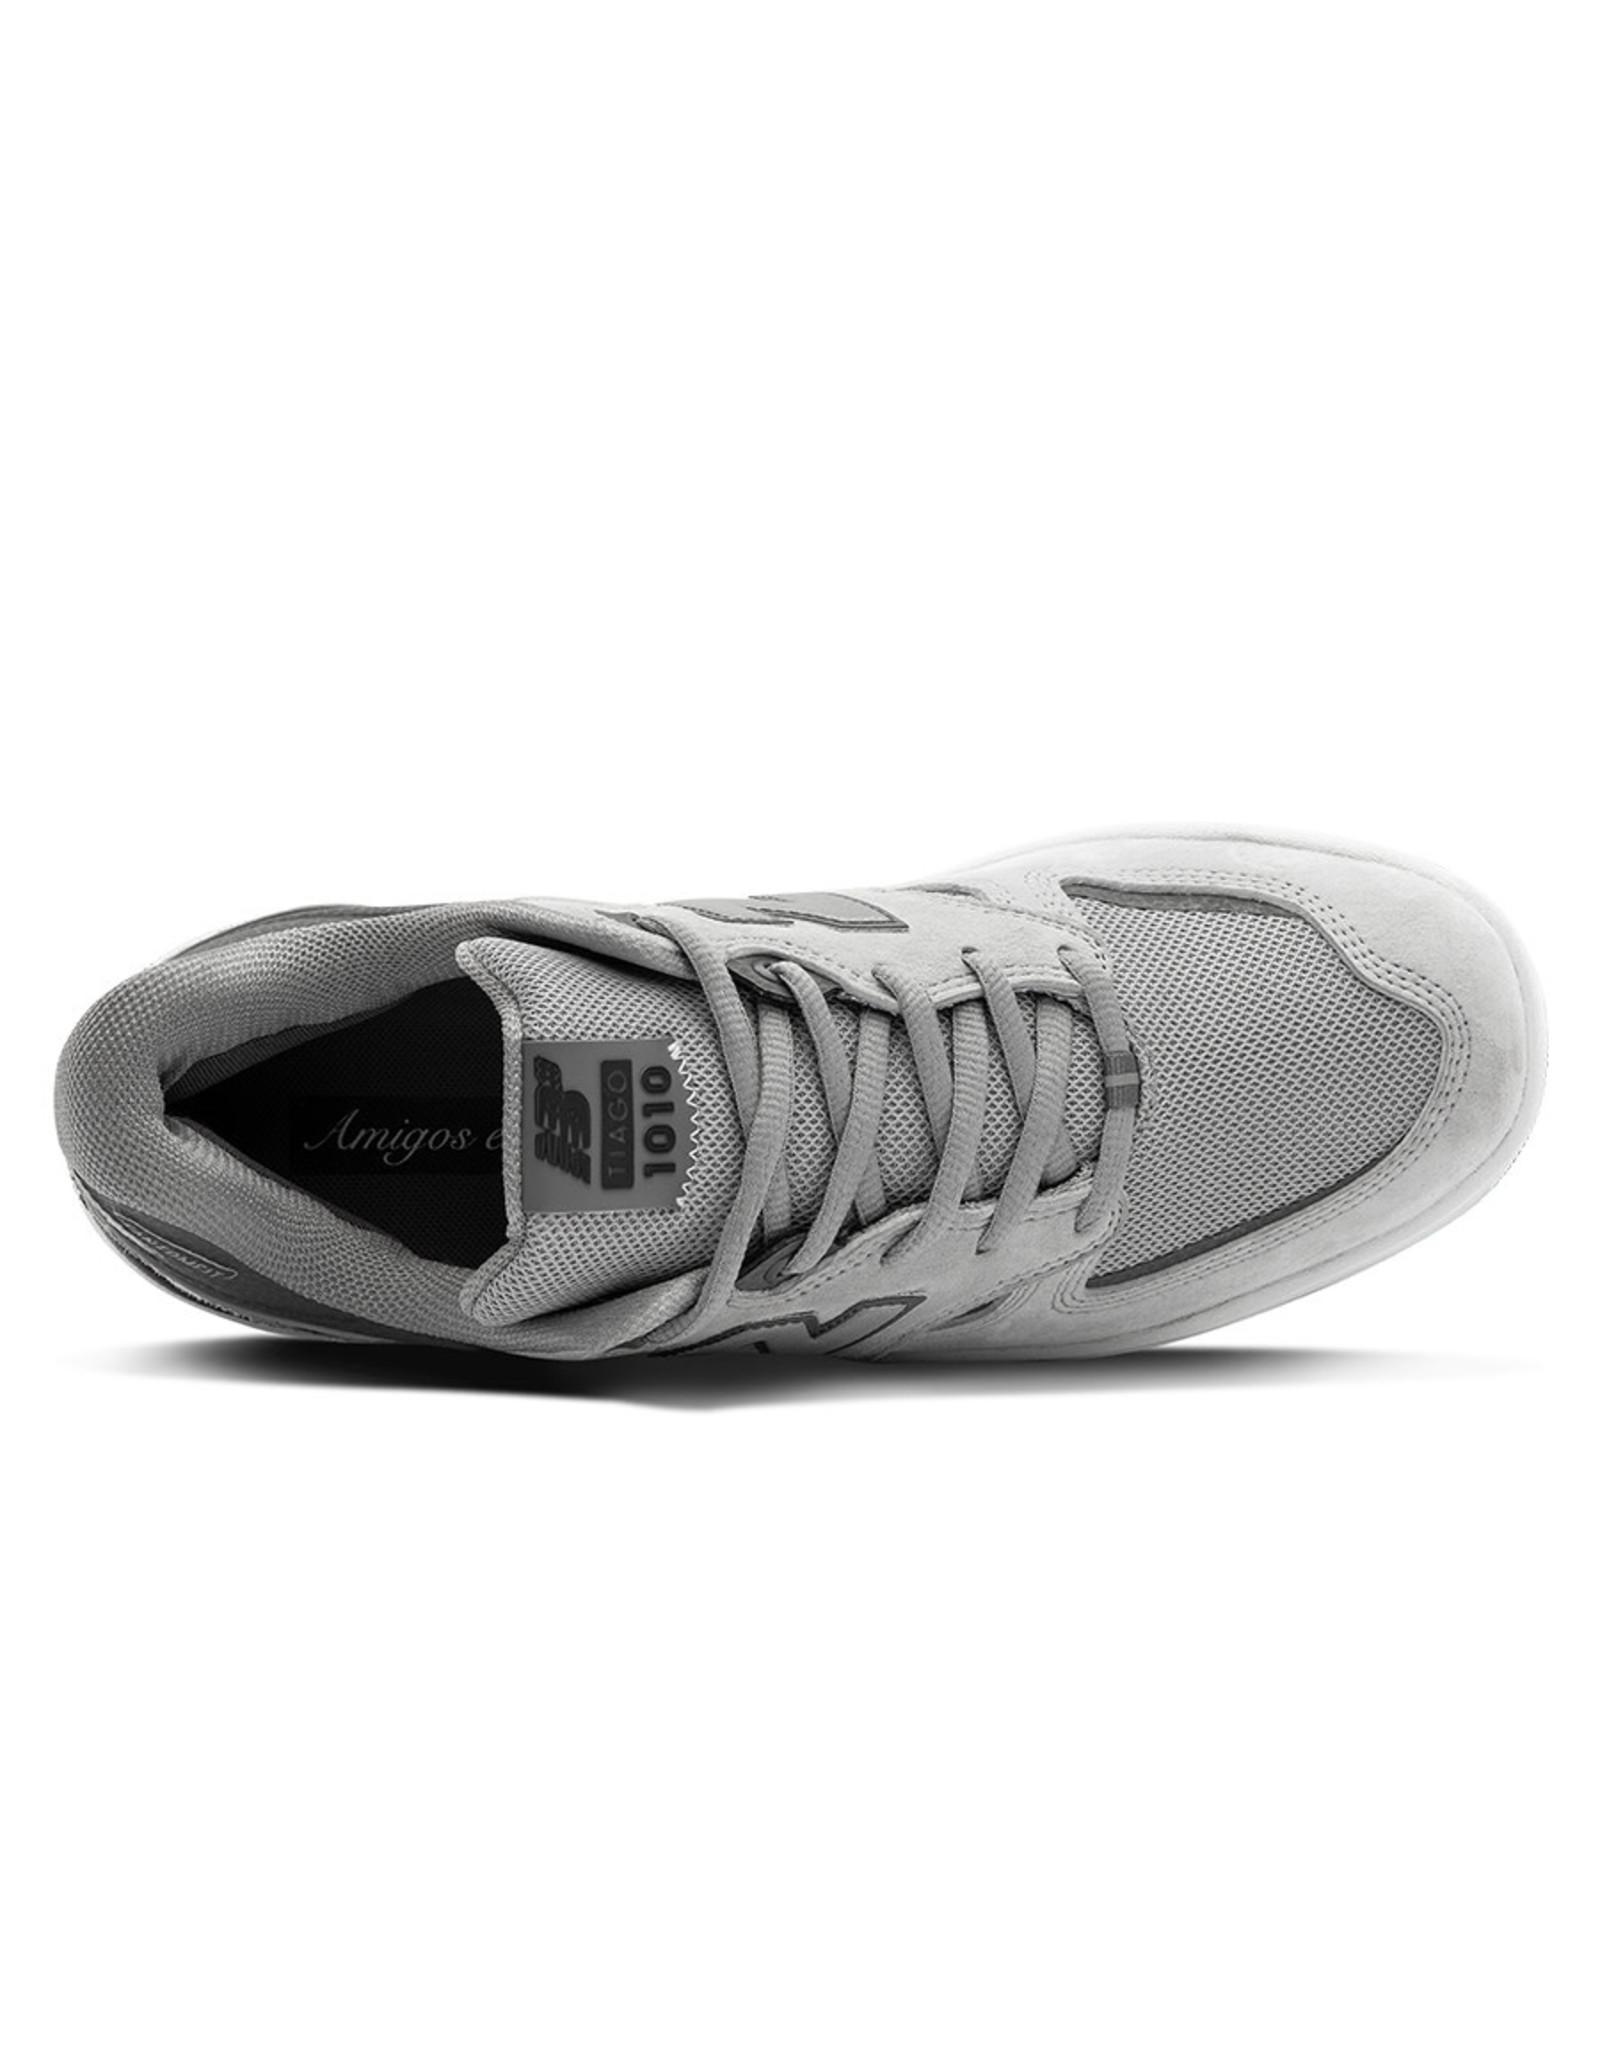 New Balance Numeric New Balance Numeric Shoe 1010 Tiago Lemos (Grey)